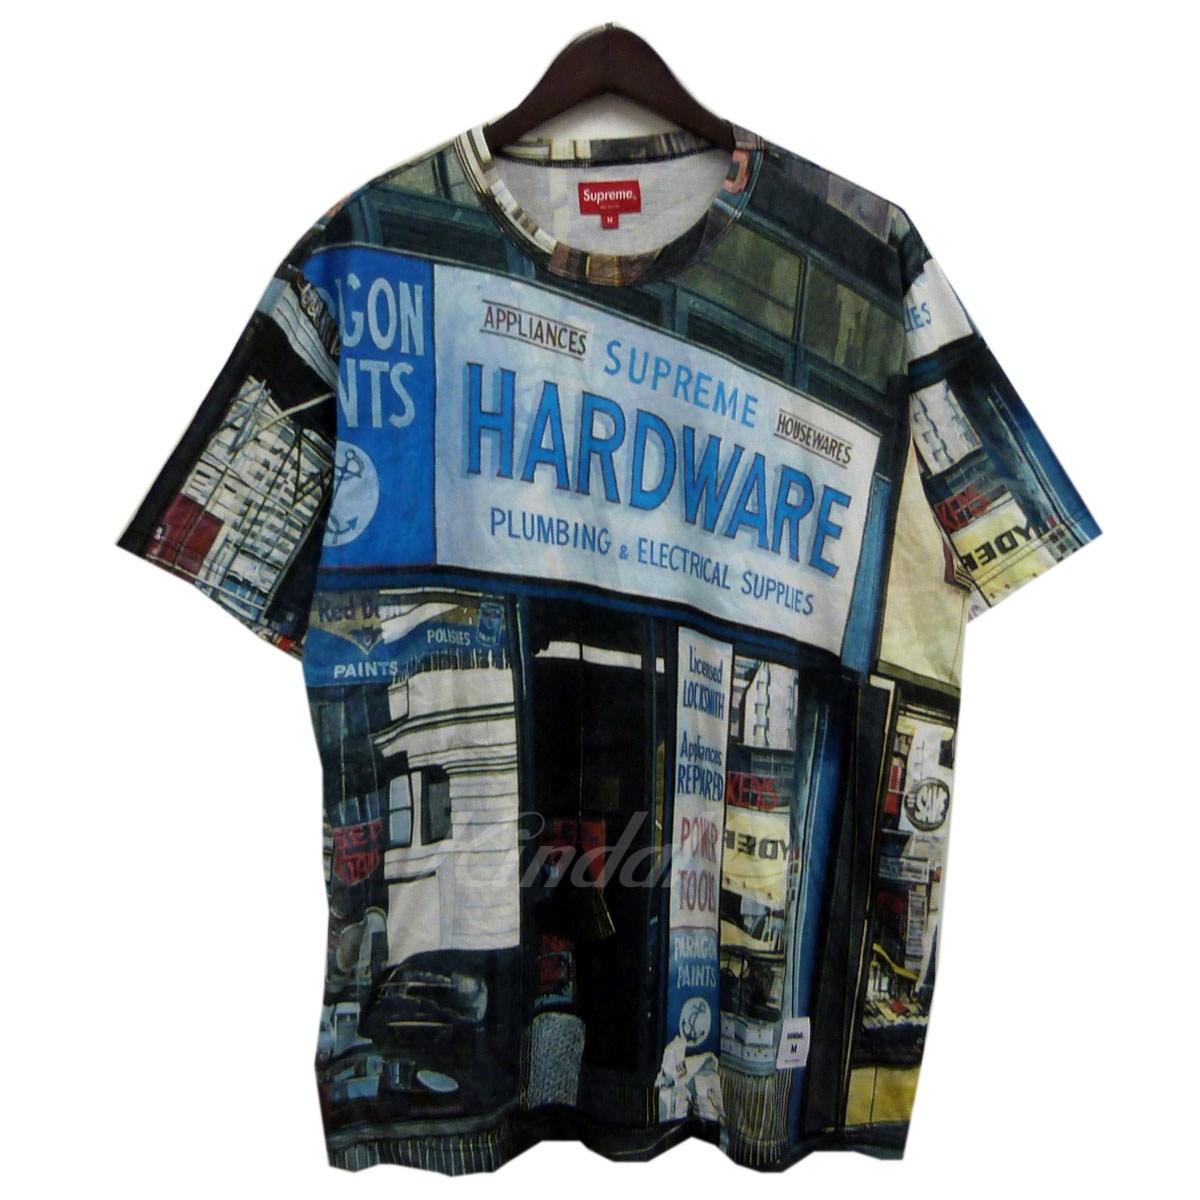 【中古】SUPREME 18SS「Hardware S/S Top」プリントTシャツ 【送料無料】 【110493】 【KIND1550】